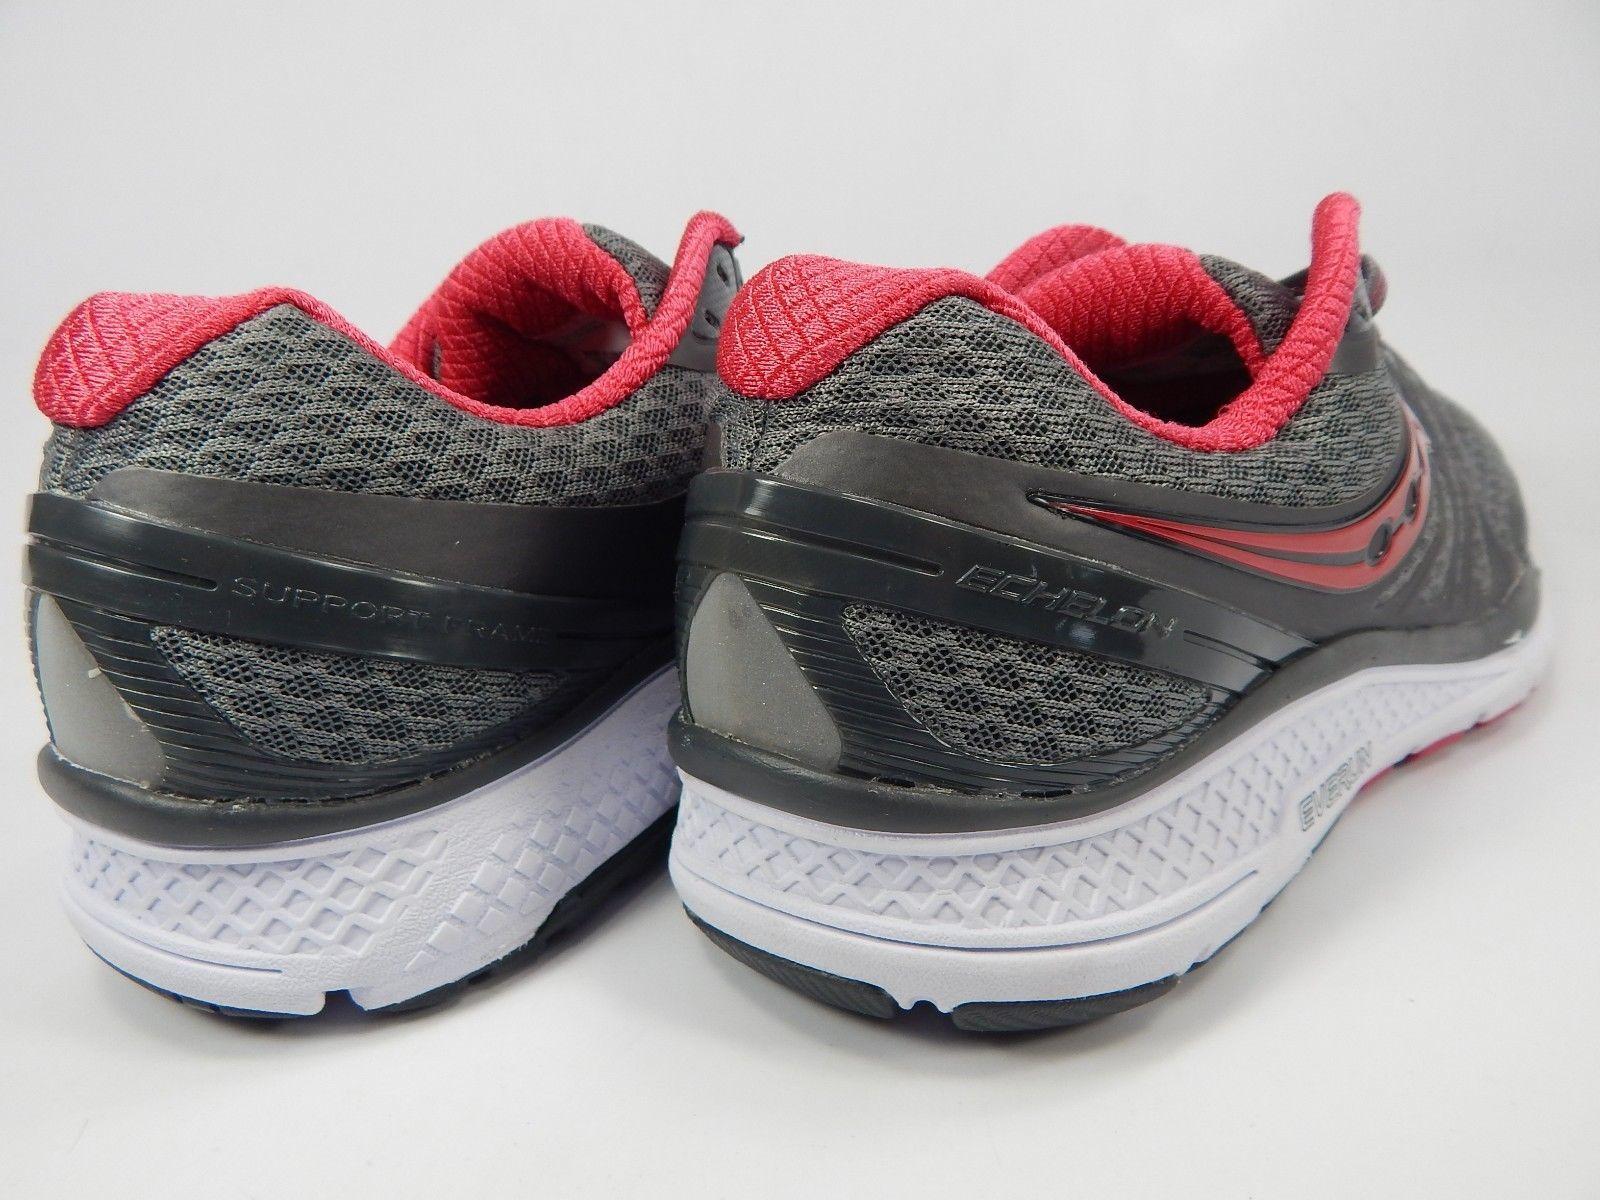 Saucony Echelon 6 Size US 10 M (B) EU 42 Women's Running Shoes Gray Red S10384-1